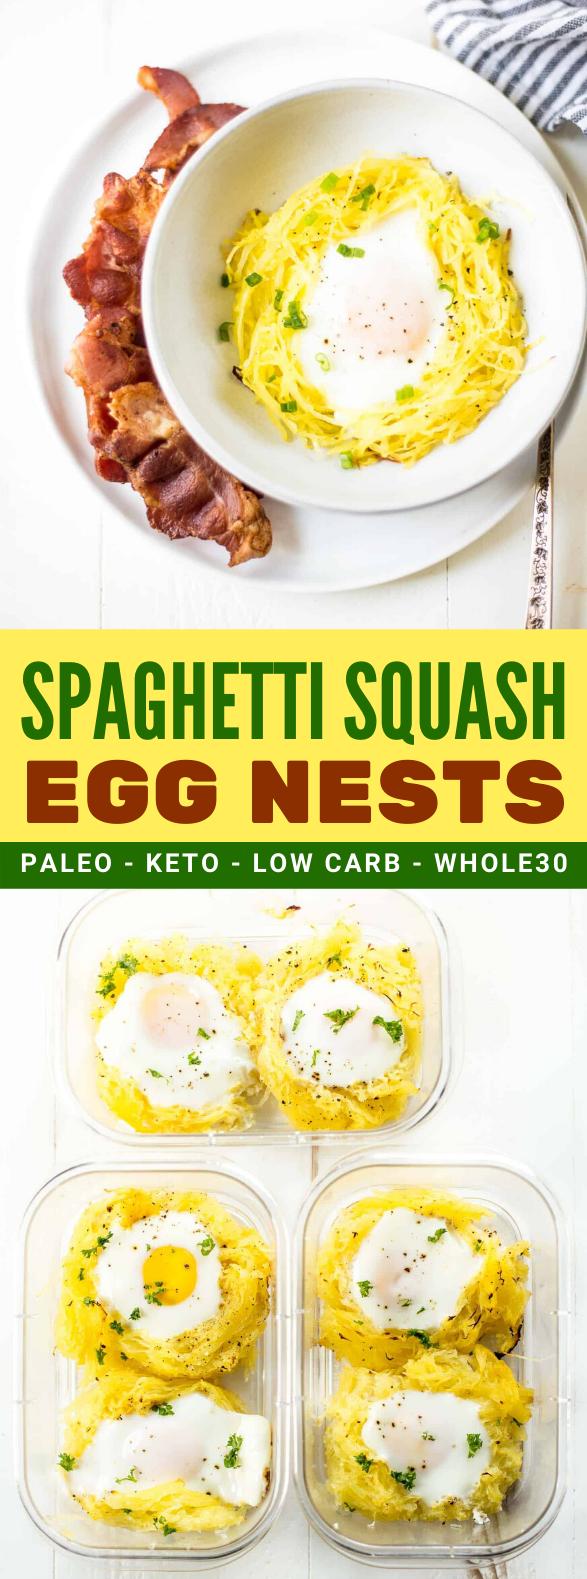 SPAGHETTI SQUASH EGG NESTS #whole30 #diet